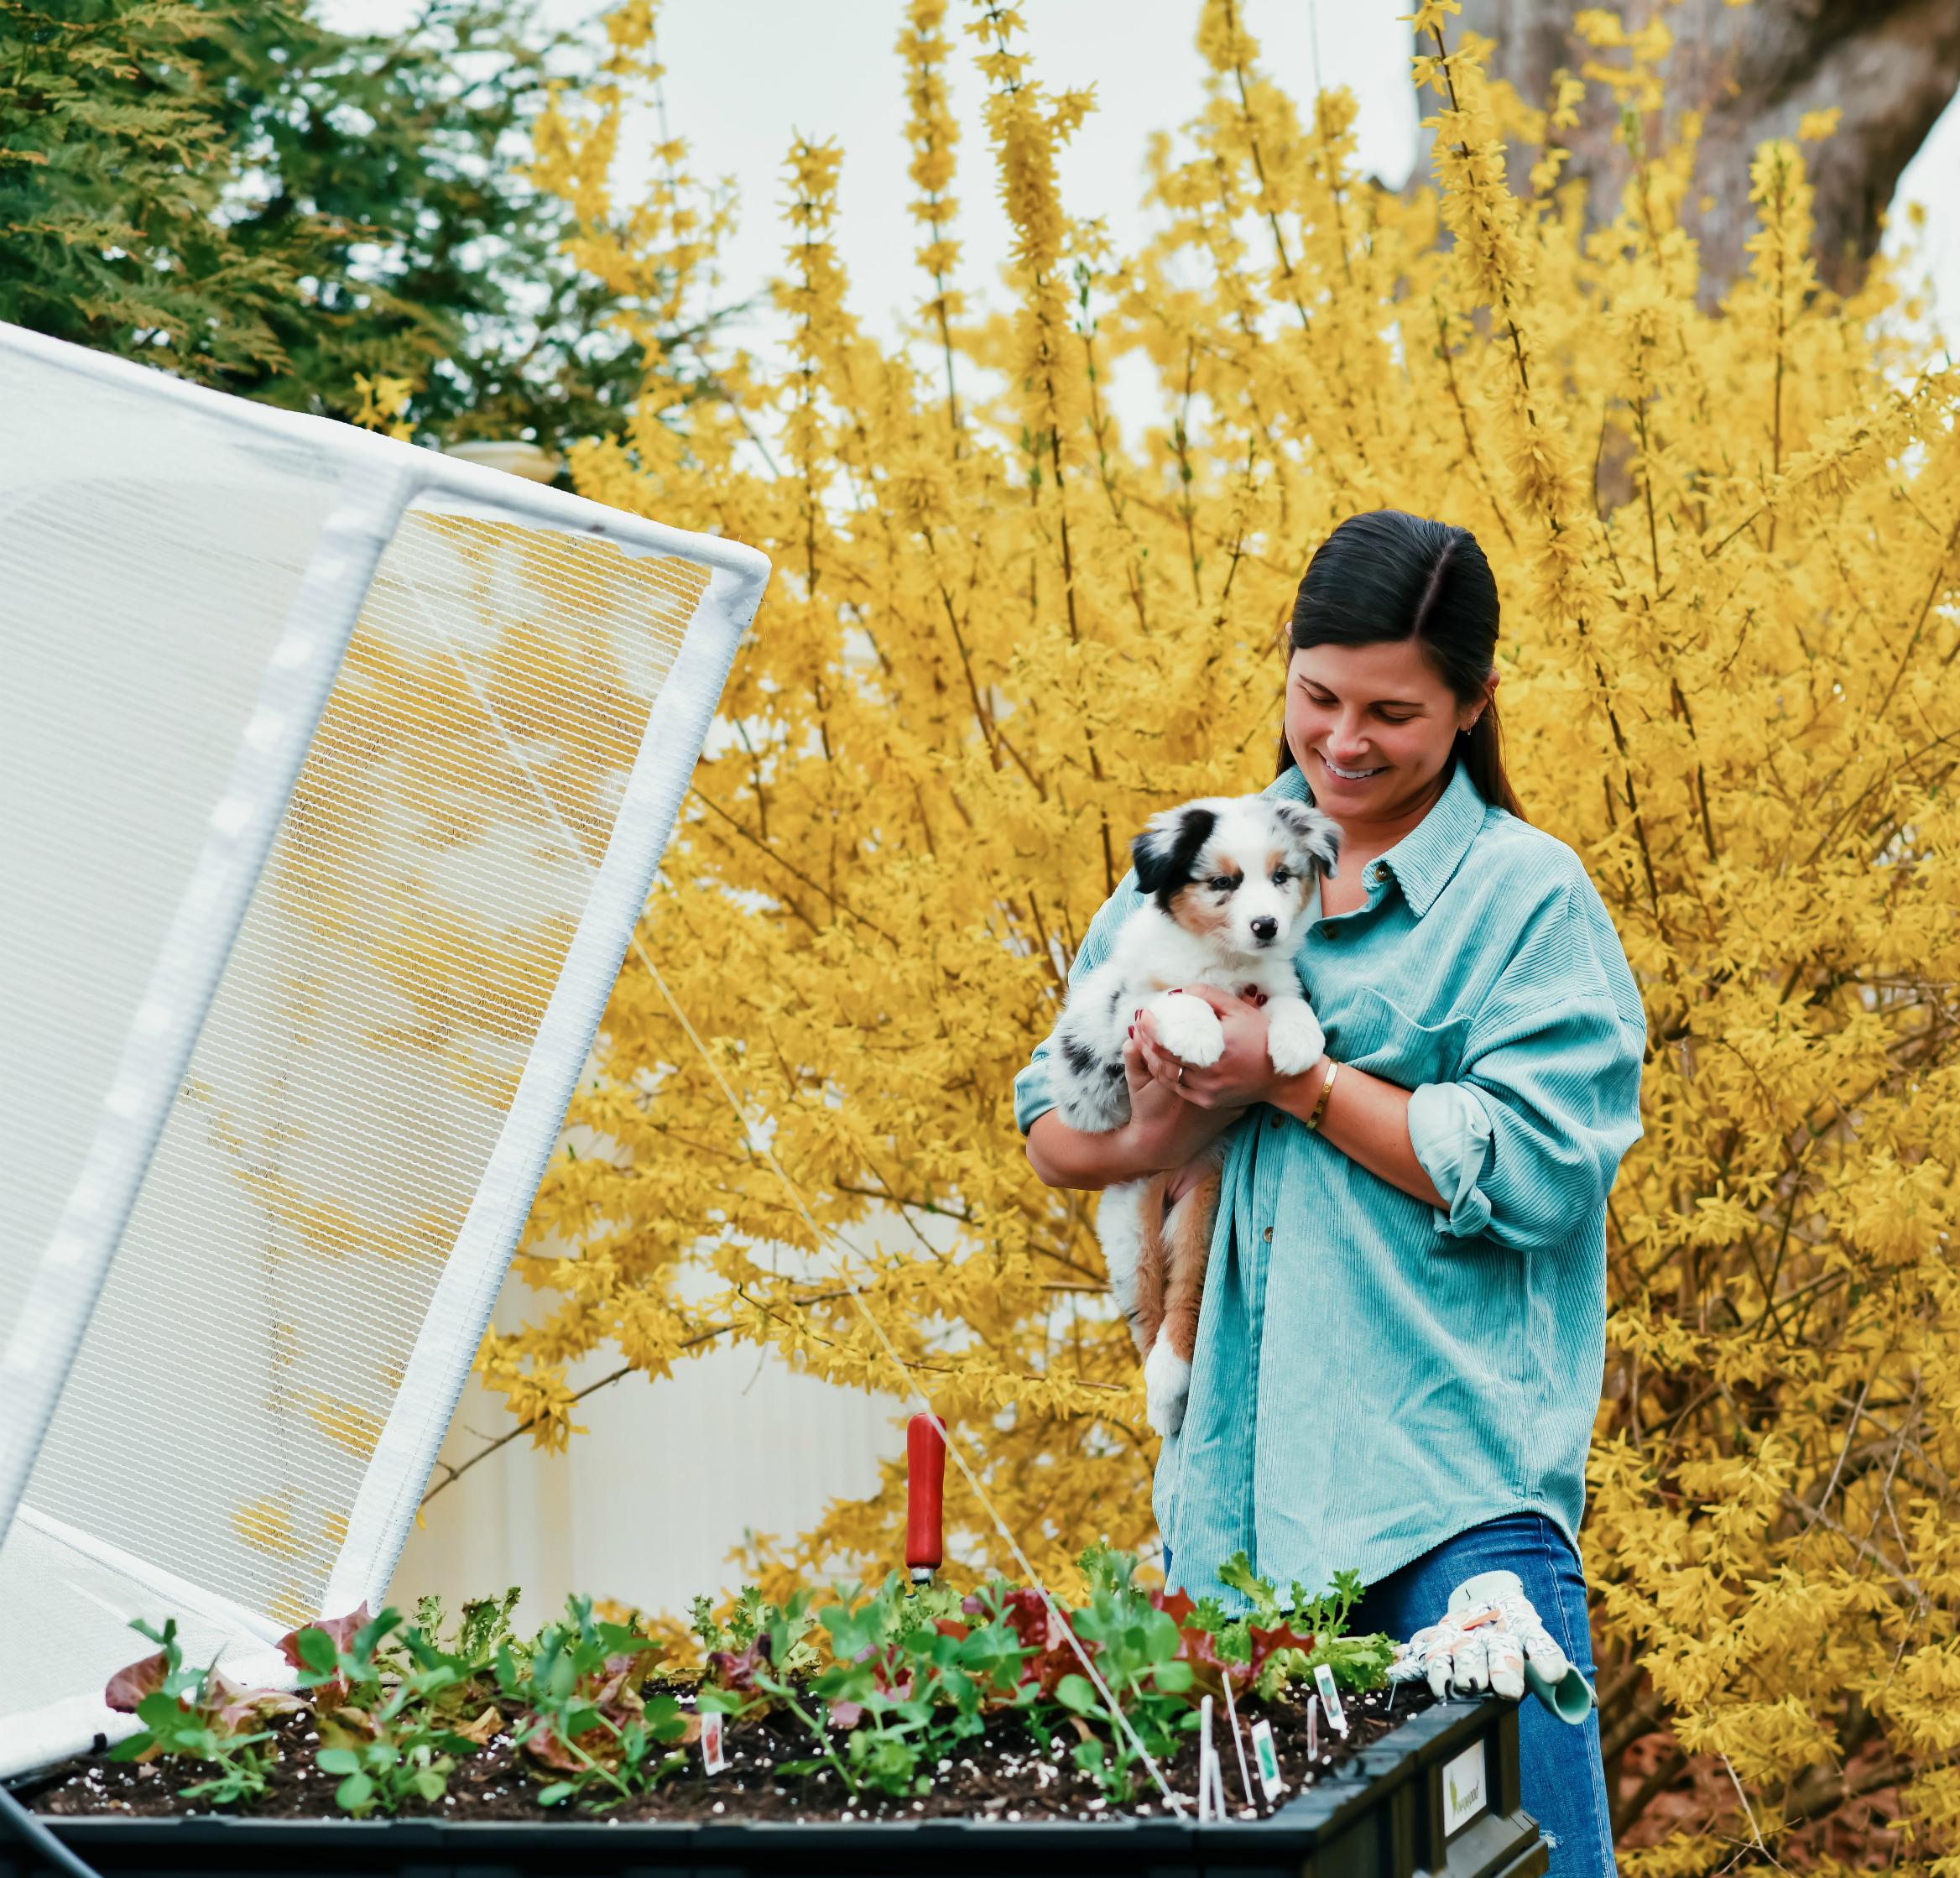 Medium-Standing Vegepod, Outdoor Gardening, Vegetable Gardening, Tilden of To Be Bright